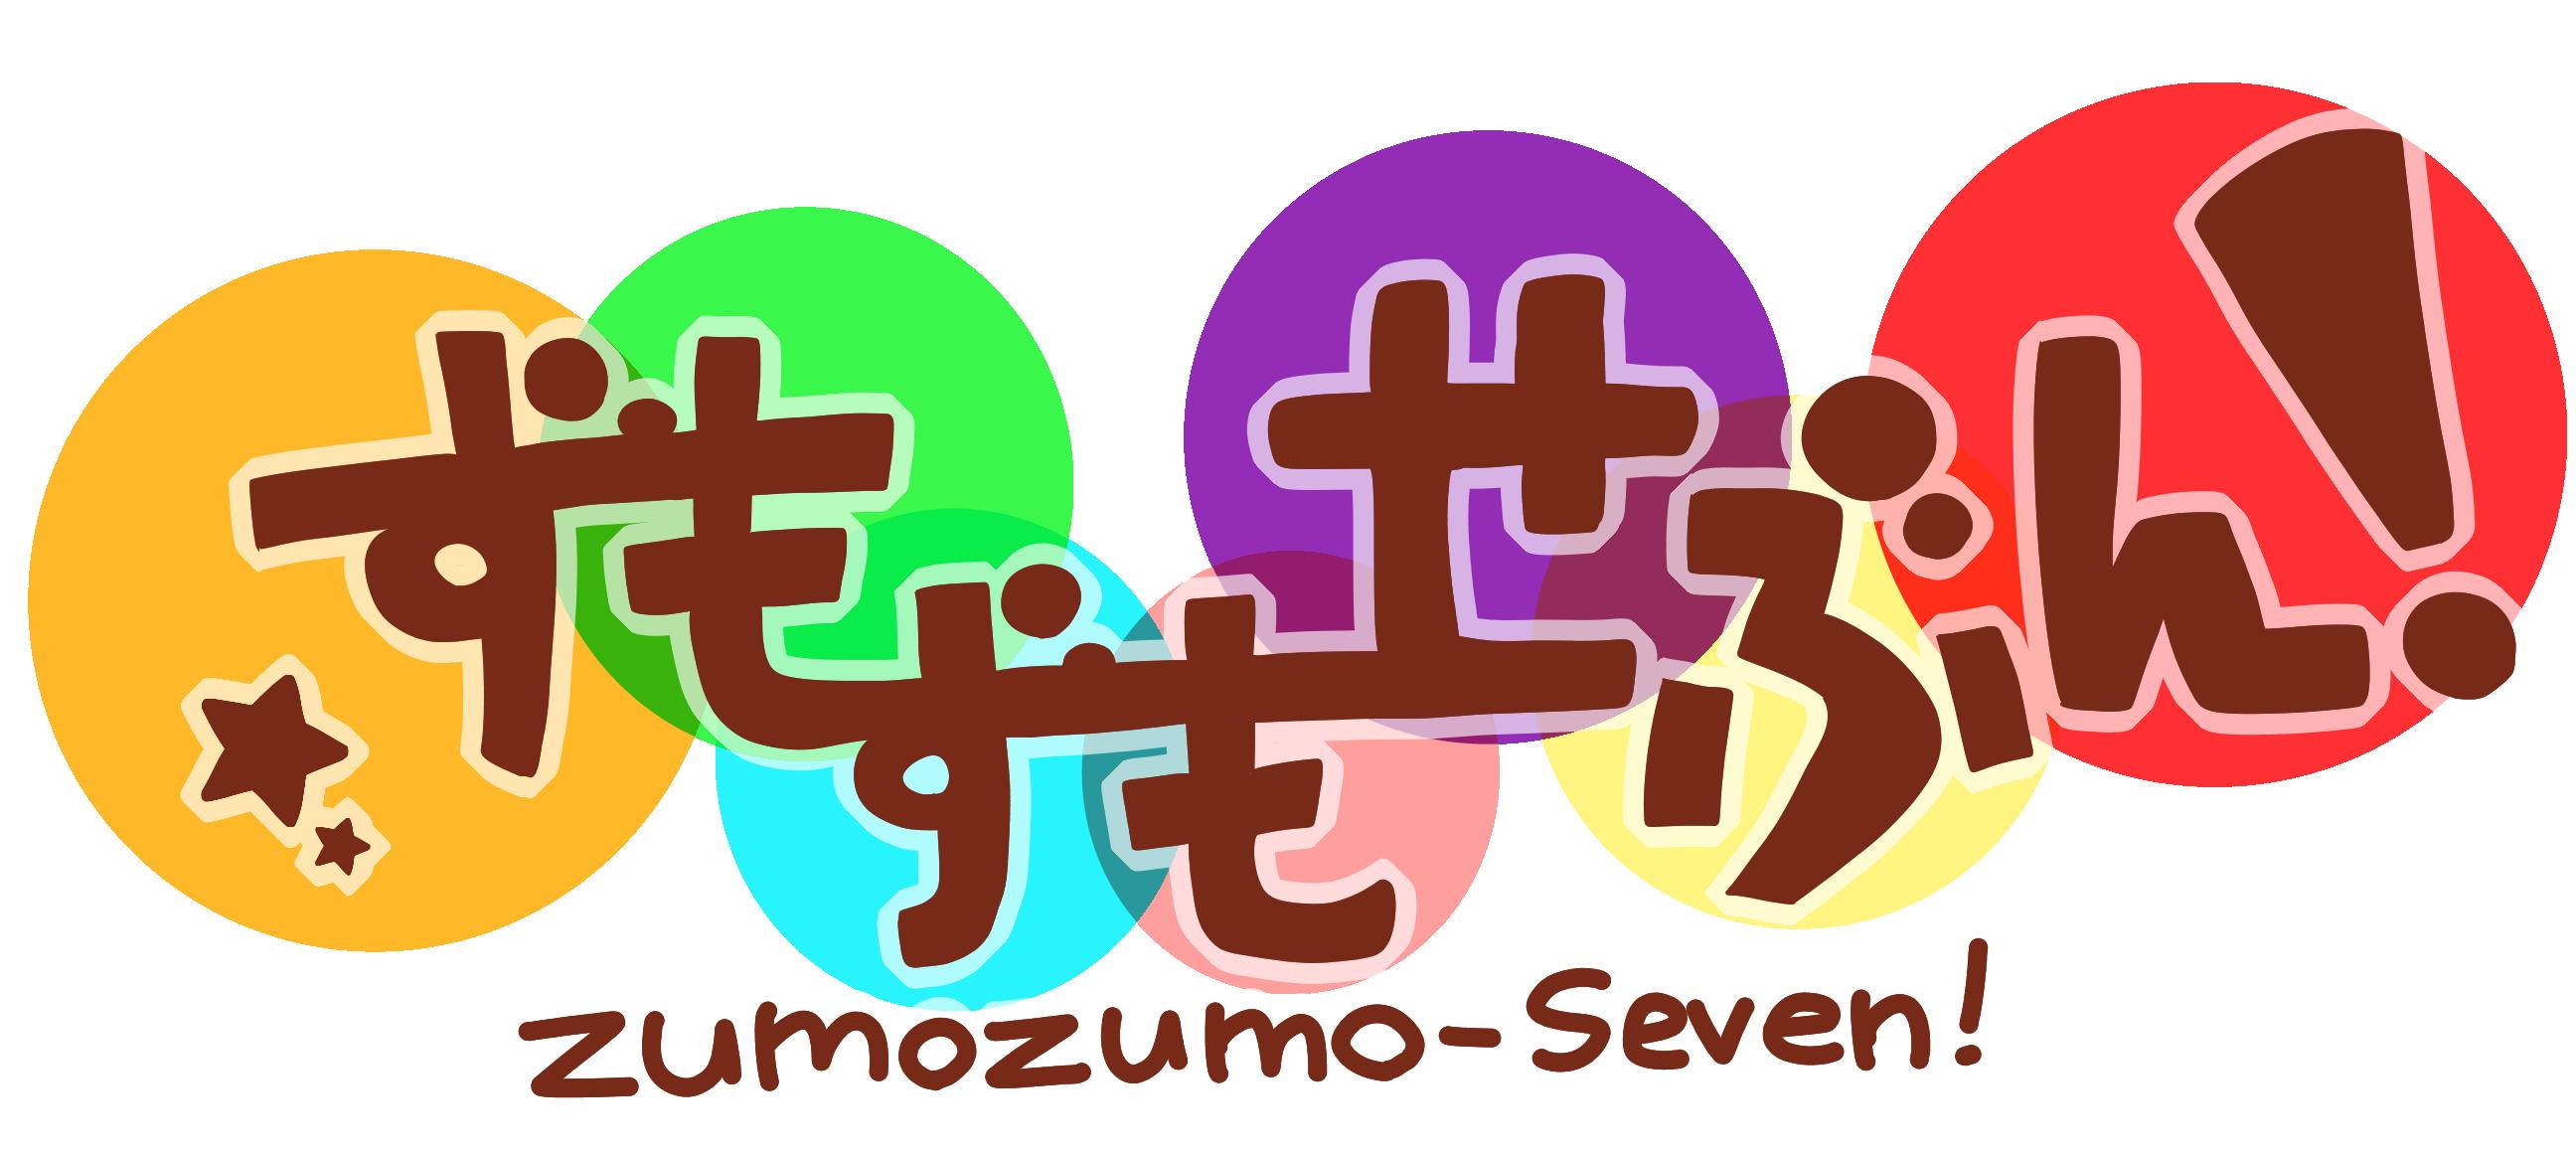 zumozumo7.png